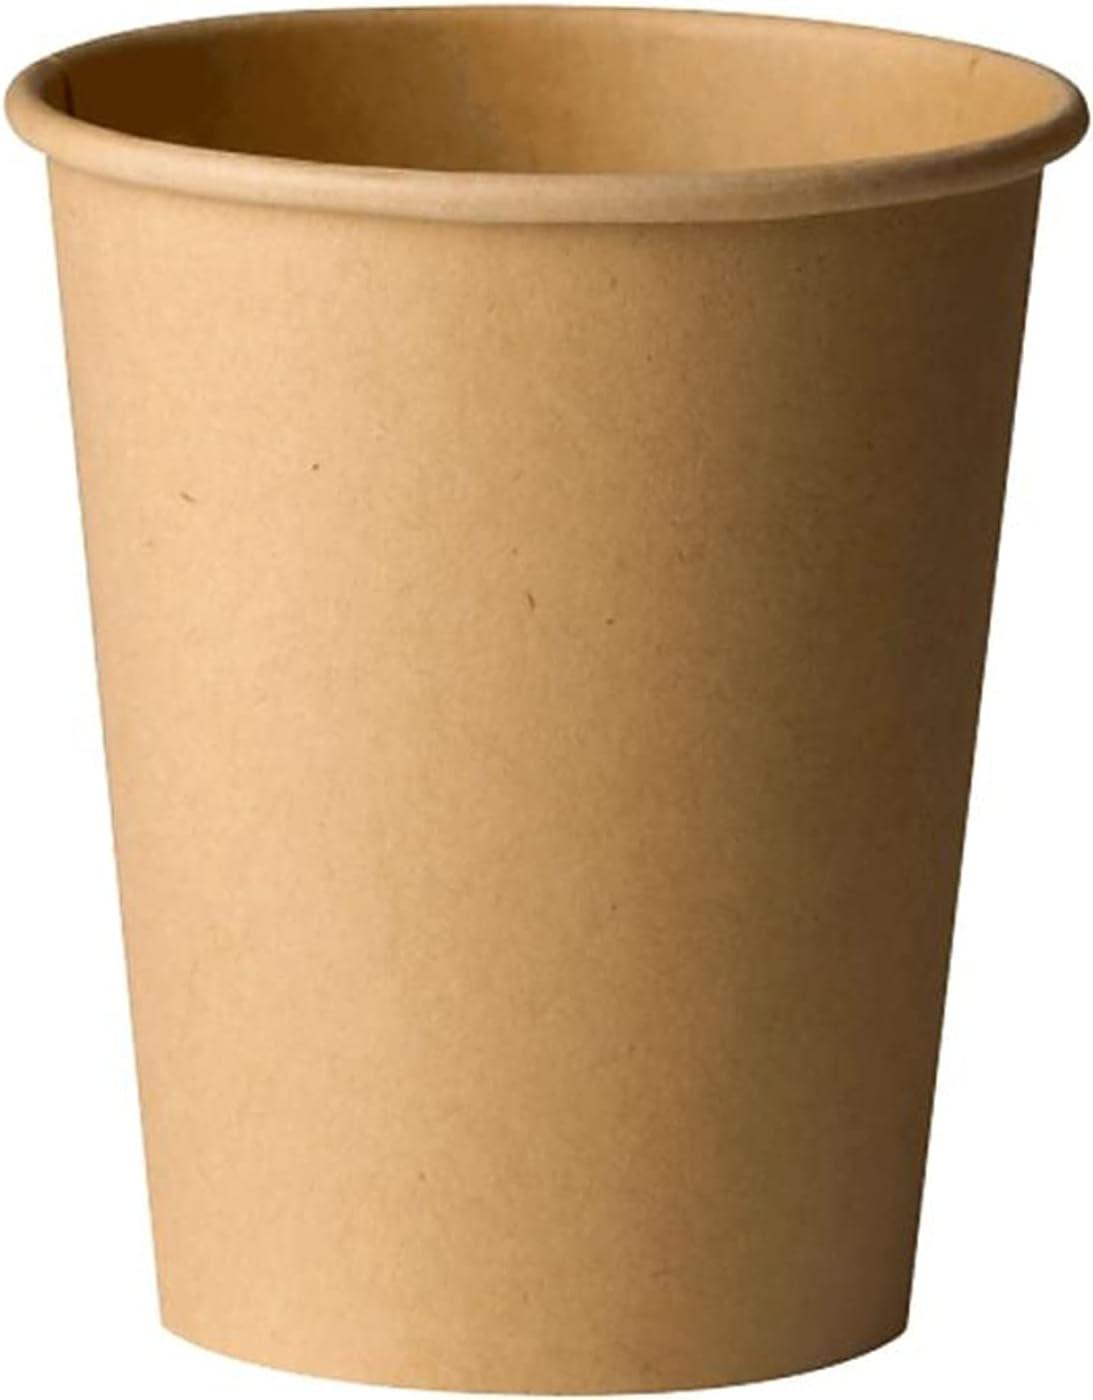 50 Vasos Desechables de Café para Llevar - Vasos de Cartón Kraft de 240ml Biodegradables Tazas de Te para Bebidad Frias y Calientes Compatible con Cafeteras Nespresso y Dolce Gusto